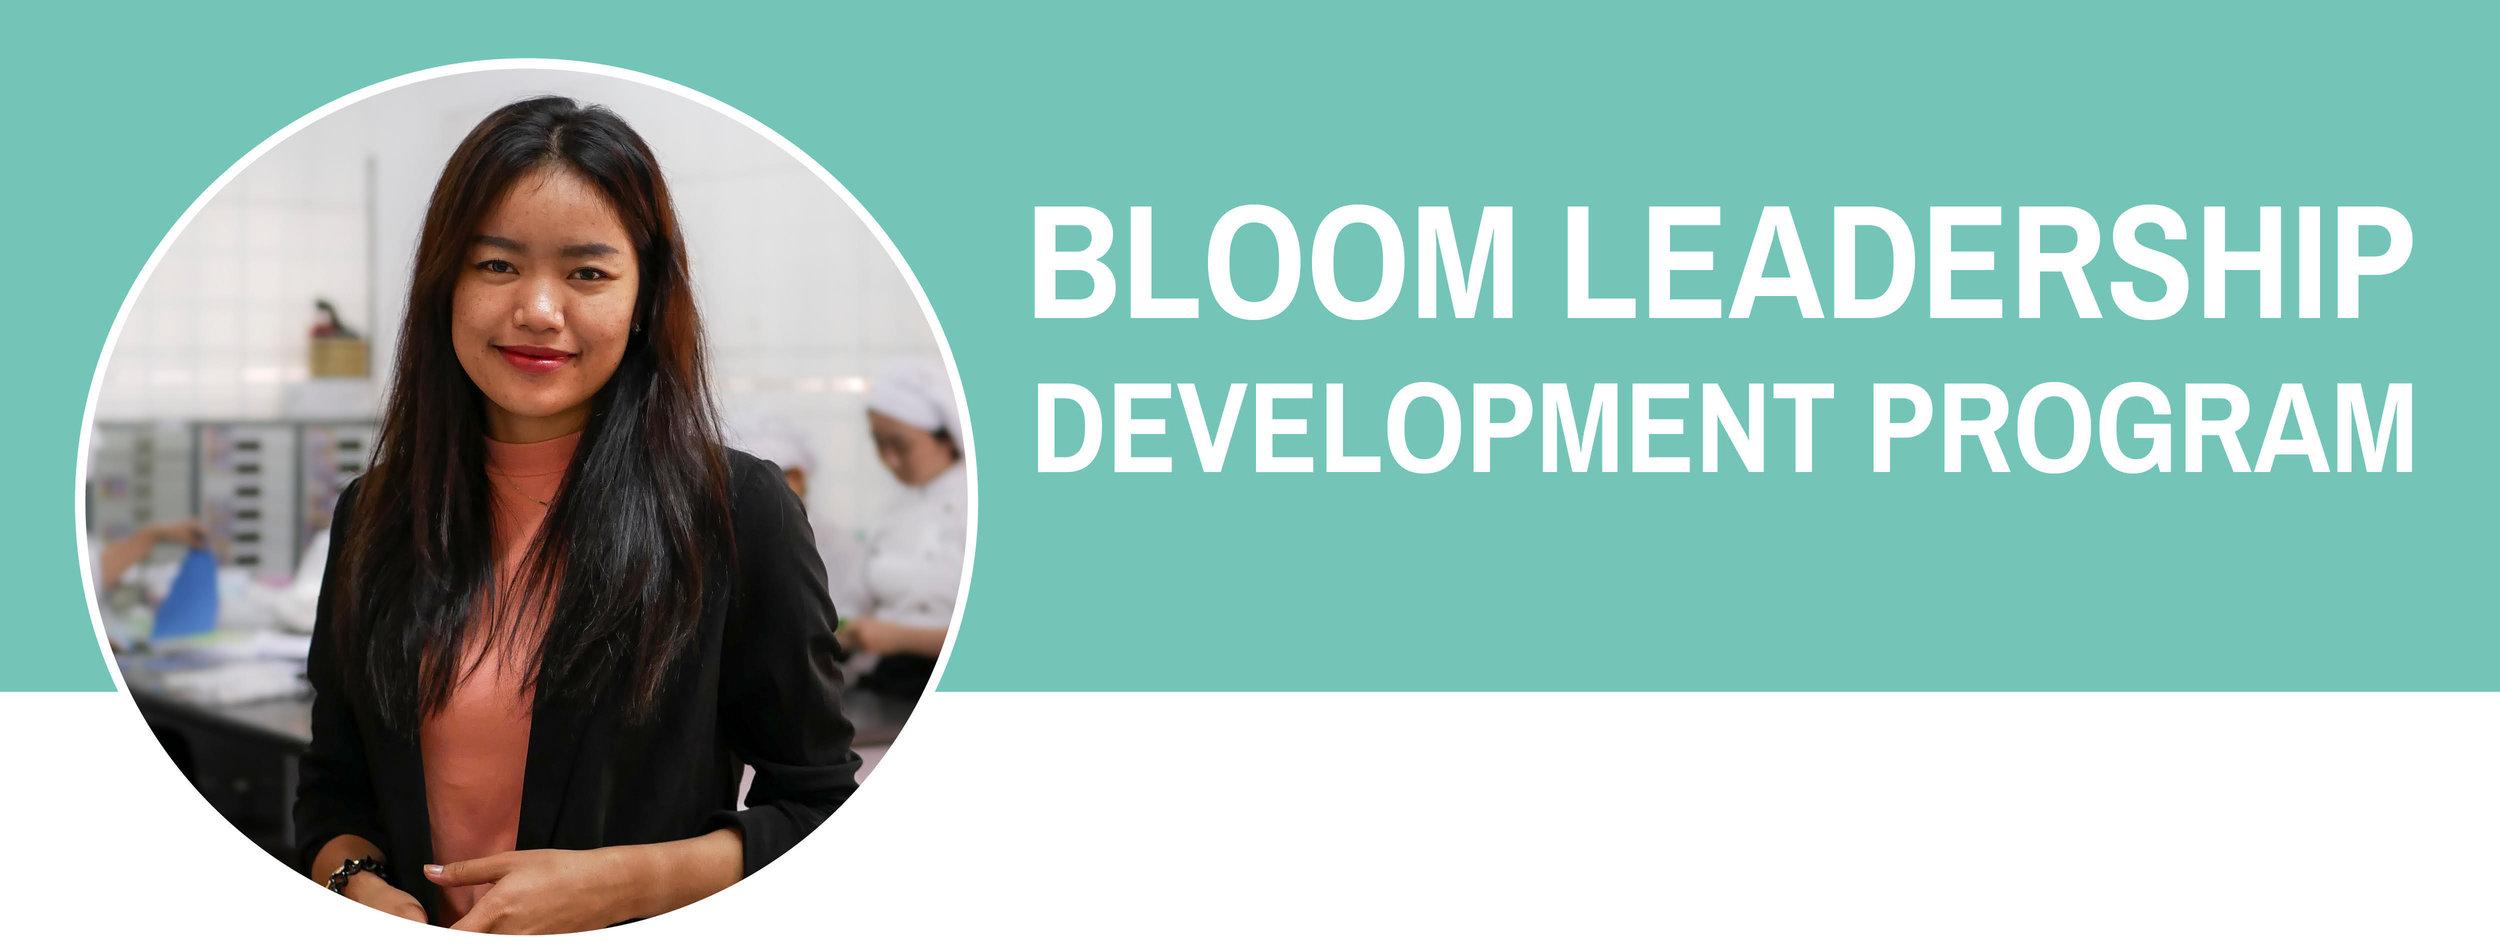 Bloom leadership development program banner.jpg